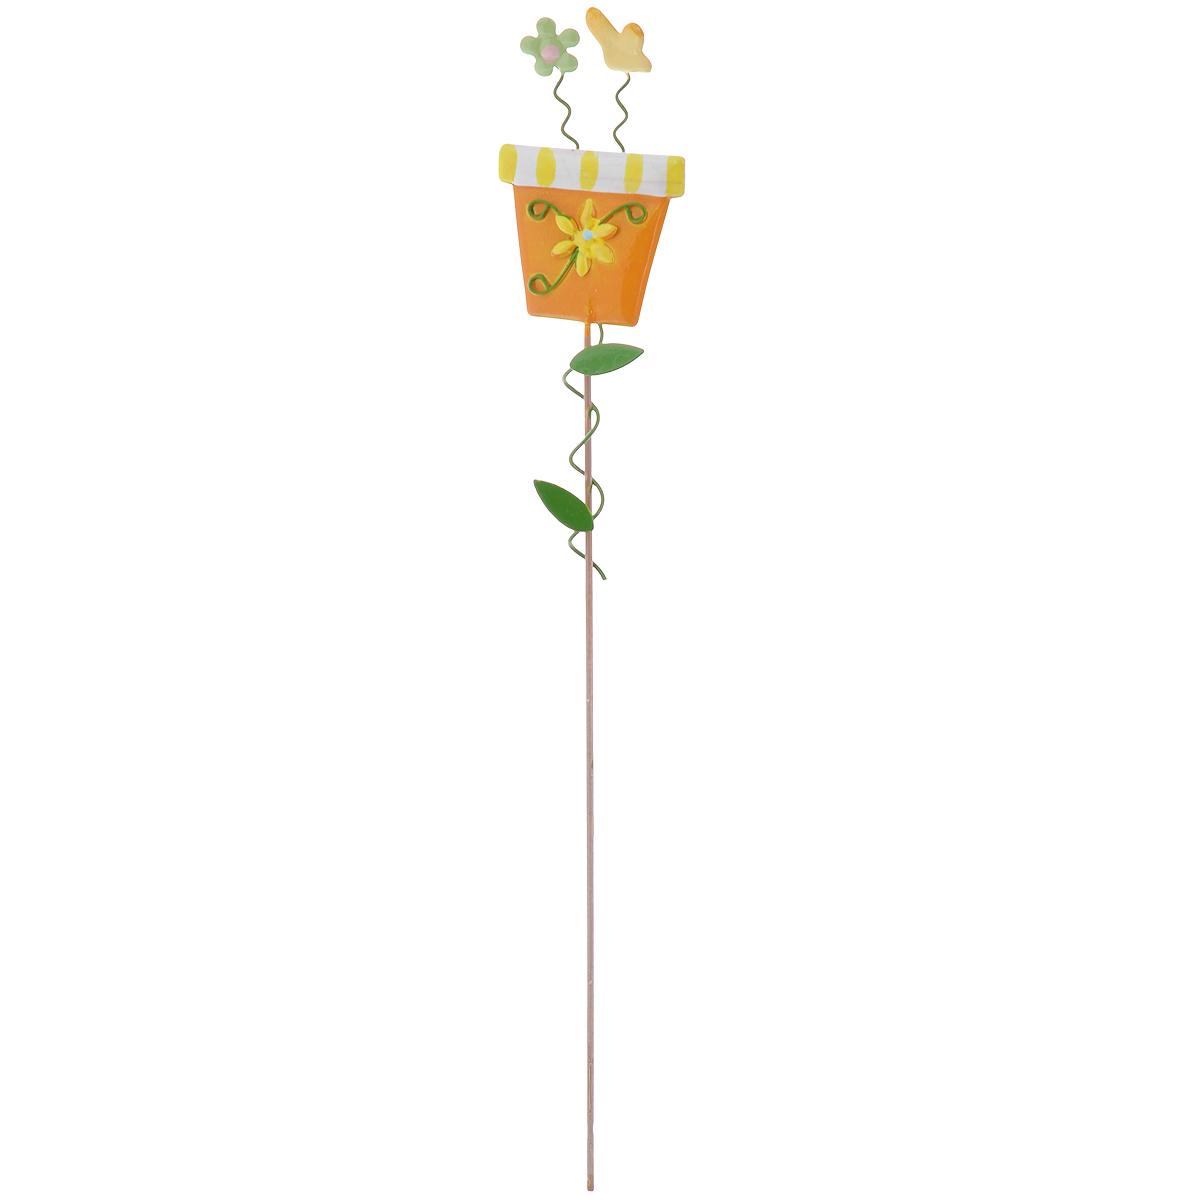 Украшение на ножке Village People Солнечная клумба, цвет: оранжевый, высота 30 см67161_3Украшение на ножке Village People Солнечная клумба поможет вам дополнить экстерьер красивой и яркой деталью. Такое украшение очень просто вставляется в землю с помощью длинной ножки, оно отлично переносит любые погодные условия и прослужит долгое время. Идеально подходит для декорирования садового участка, грядок, клумб, домашних цветов в горшках, а также для поддержки и правильного роста декоративных растений. Размер декоративного элемента: 4,5 см х 7,5 см. Высота: 30 см.